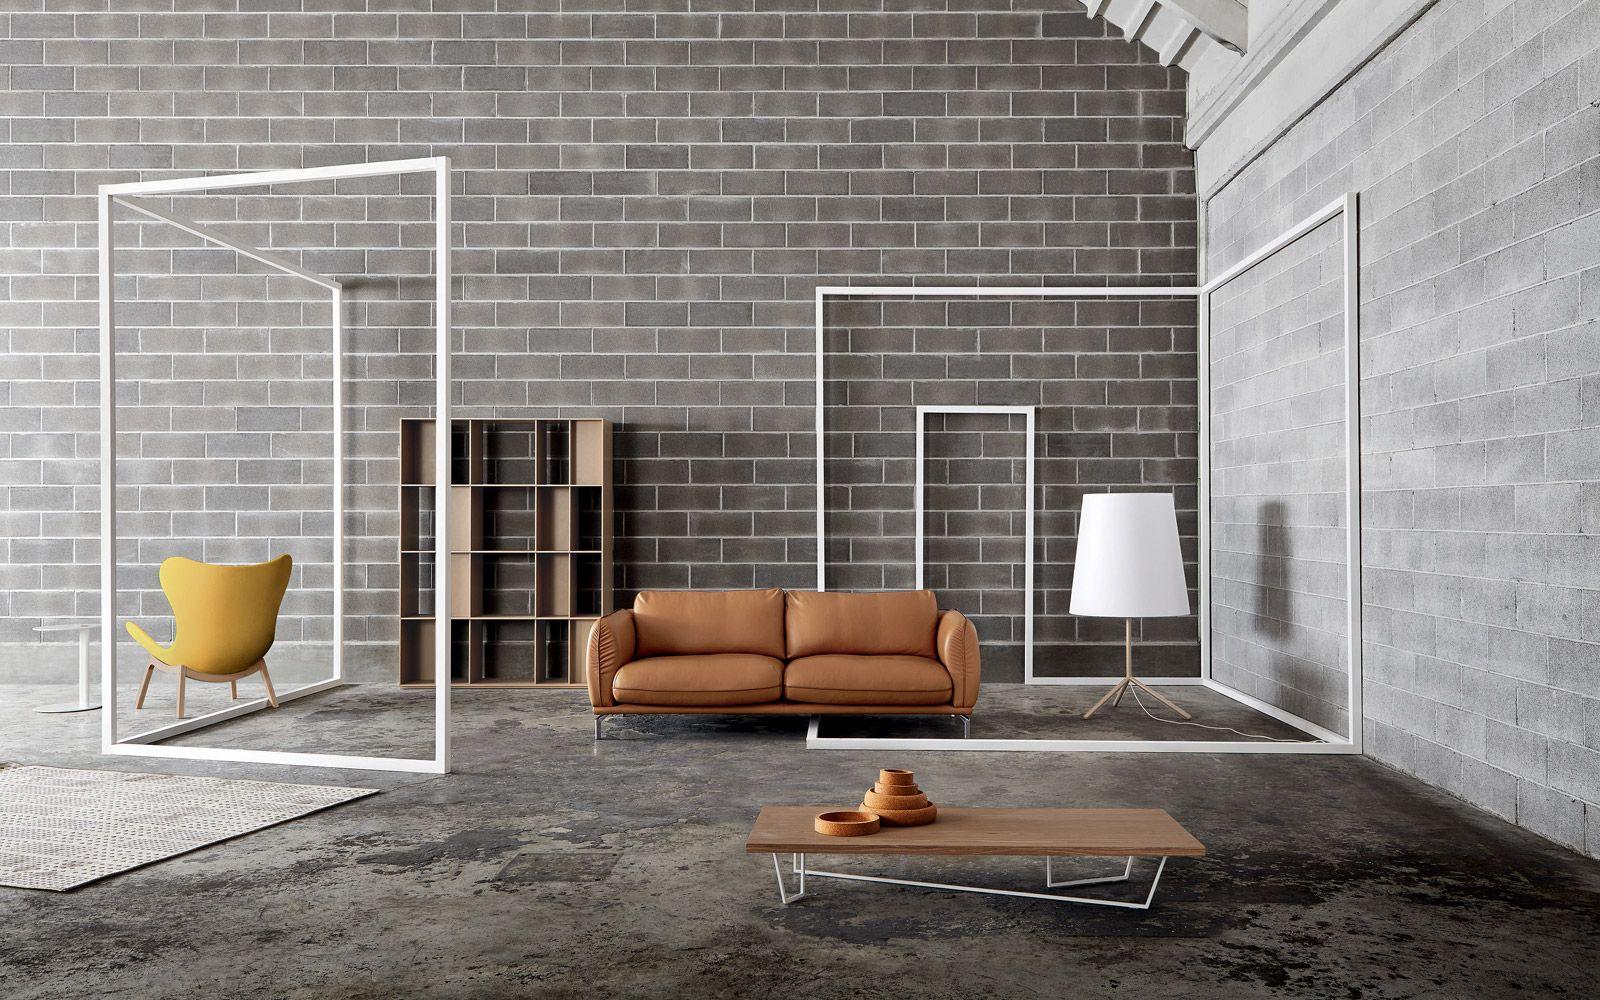 Arredamento casa mobili design italiano firmati for Mobili design italiani